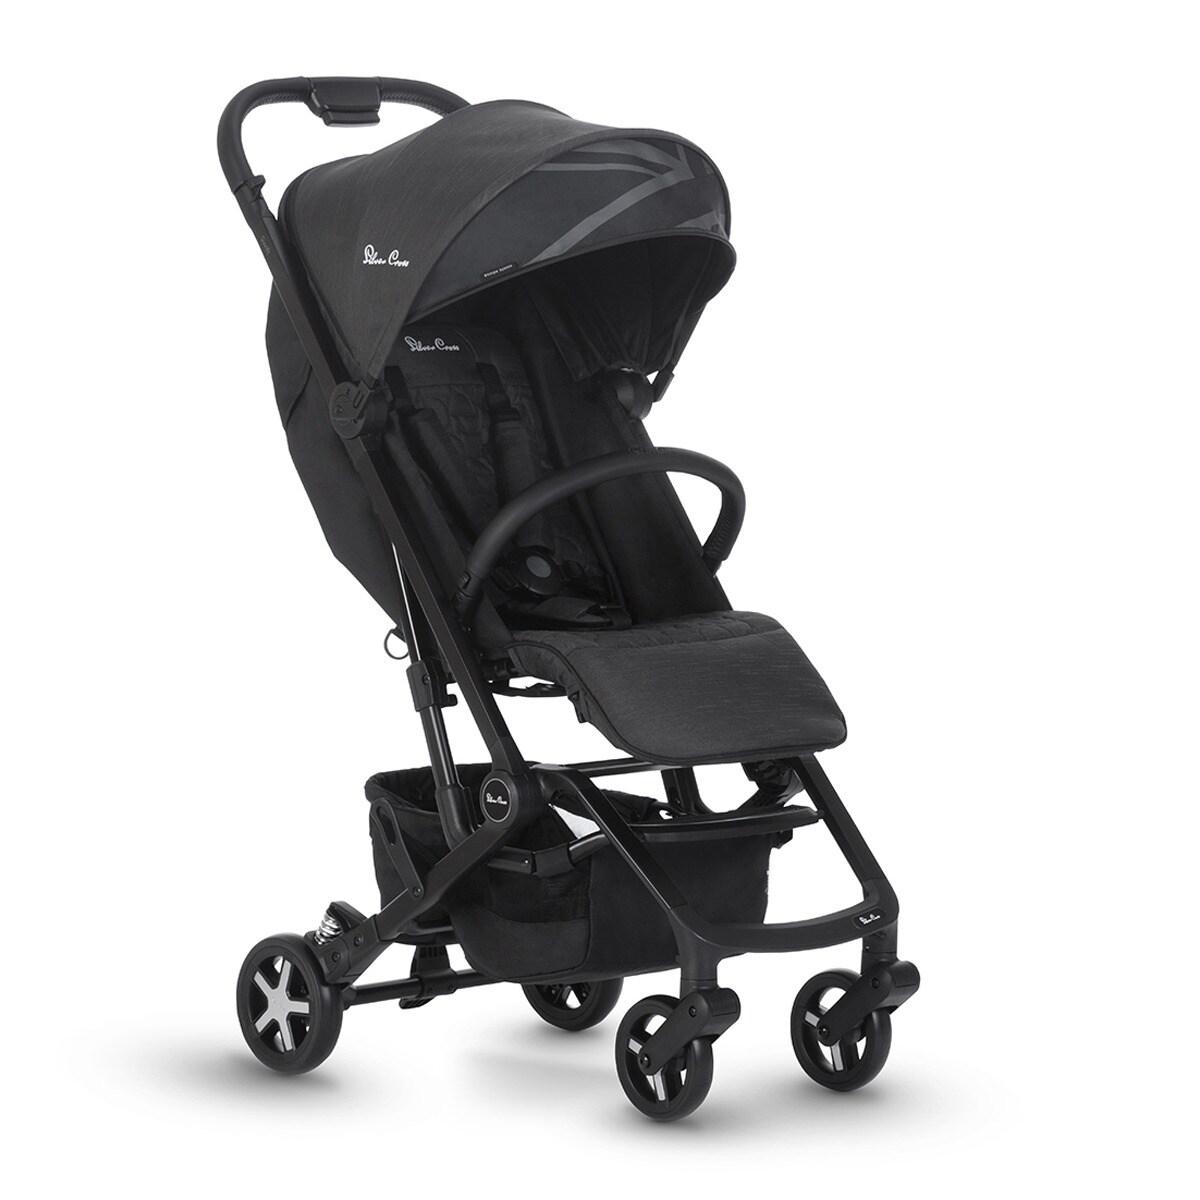 carritos de bebé - Silla ligera silver cross swift powder black - Carritos de bebé